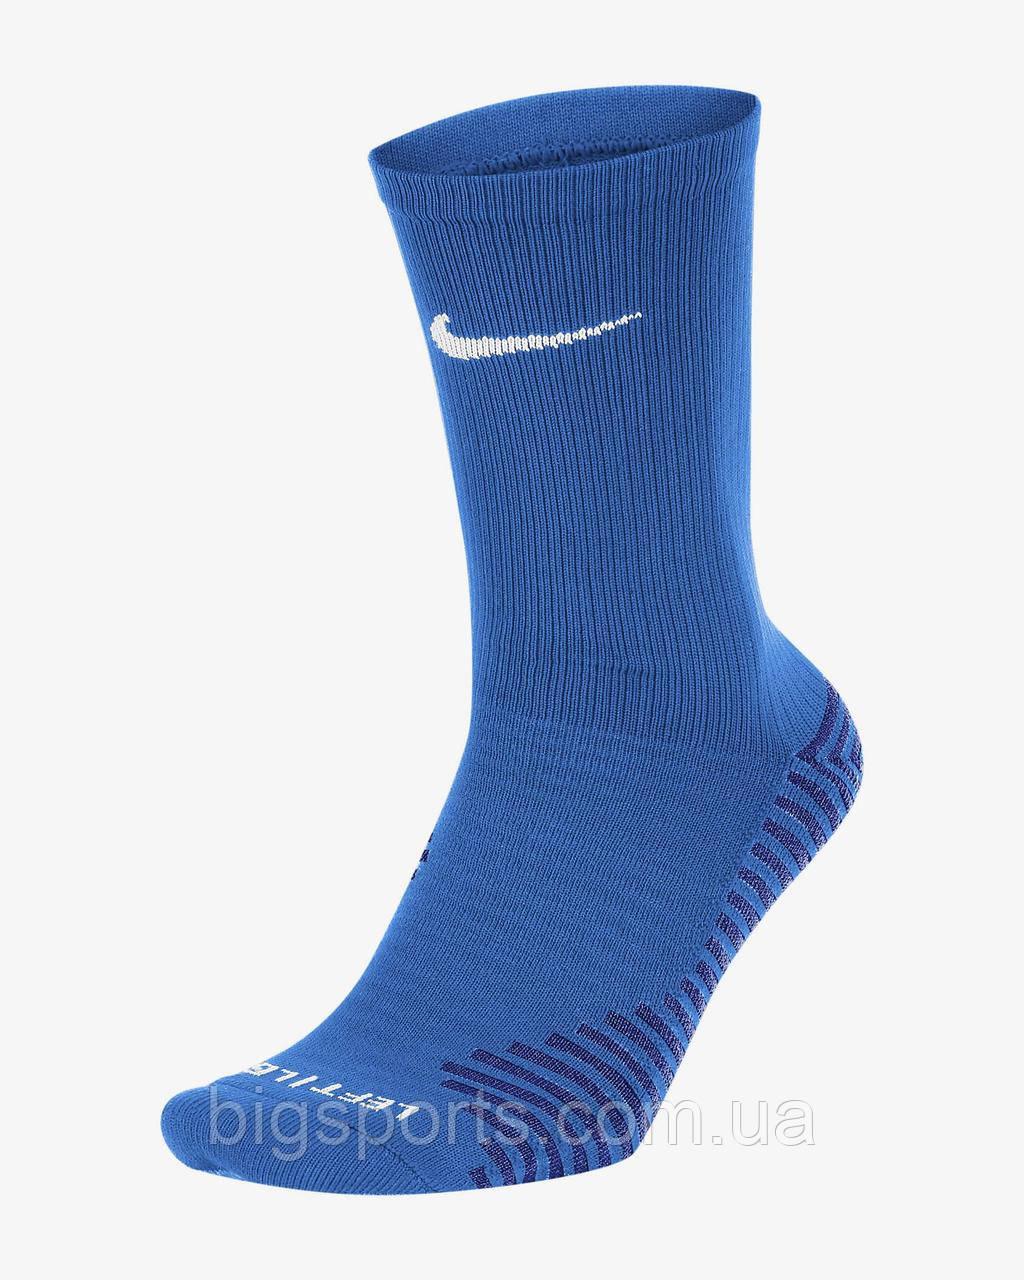 Носки муж. Nike Squad Crew Socks (арт. SK0030-463)